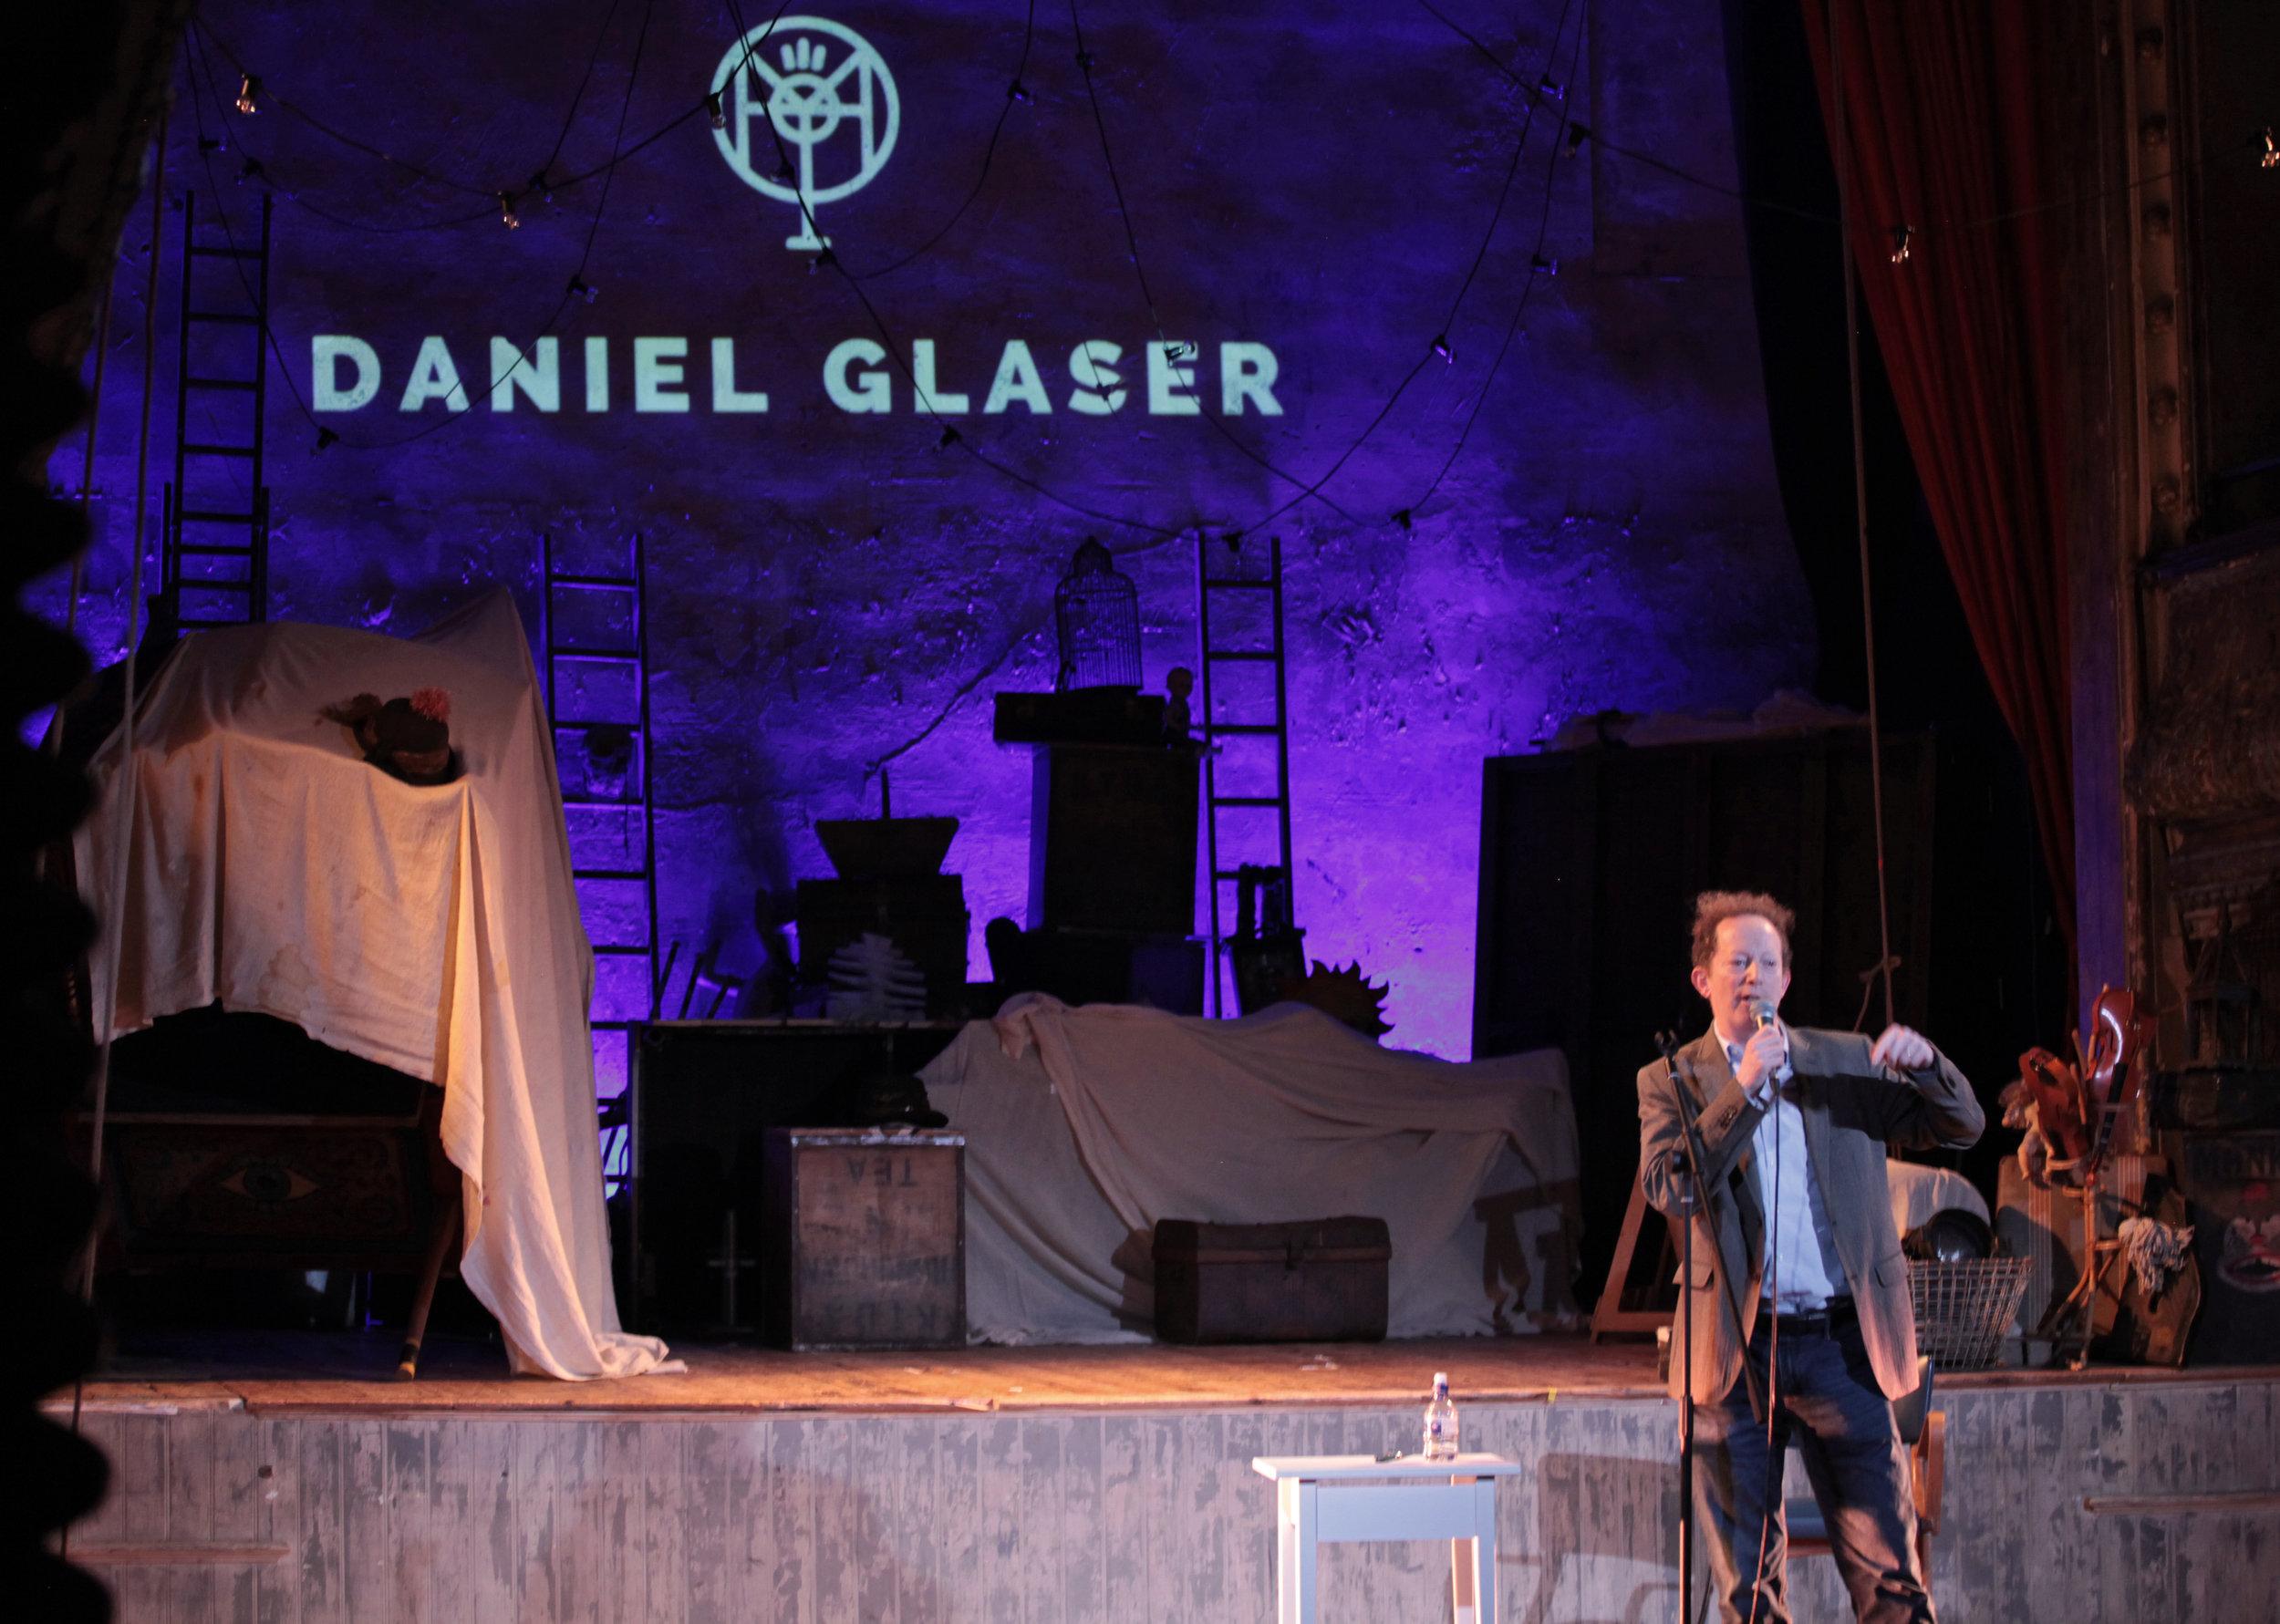 DanielGlaser1.jpg